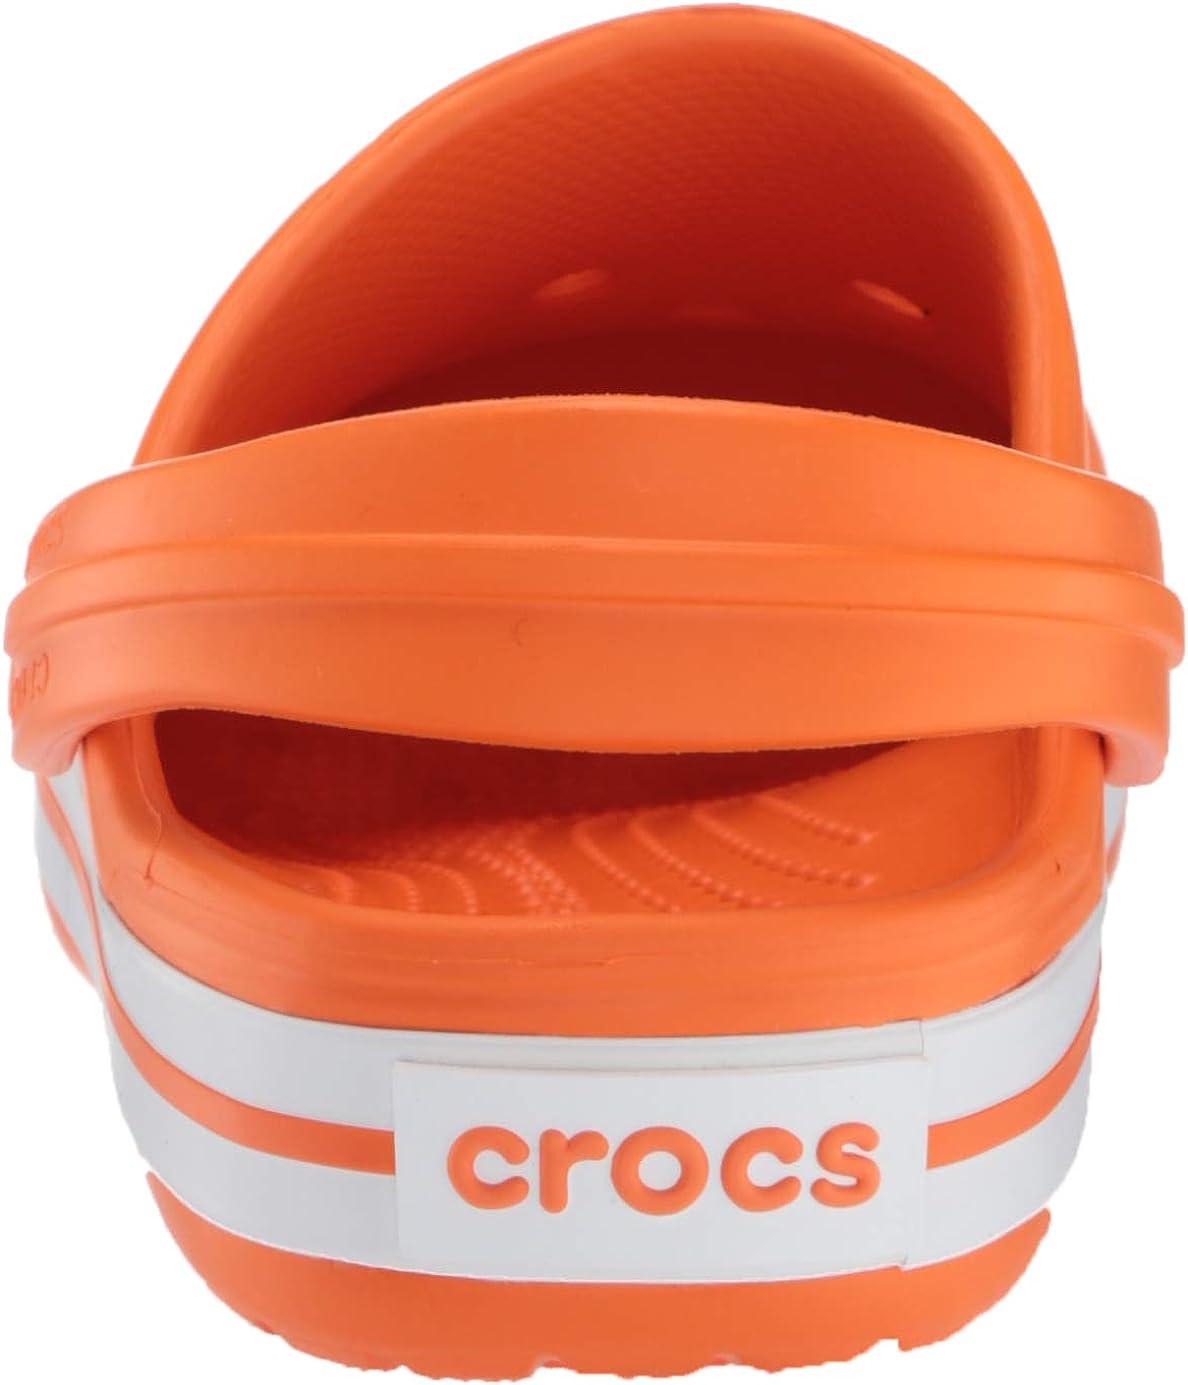 crocs Unisex-Kinder Crocband Clog Kids Holzschuh